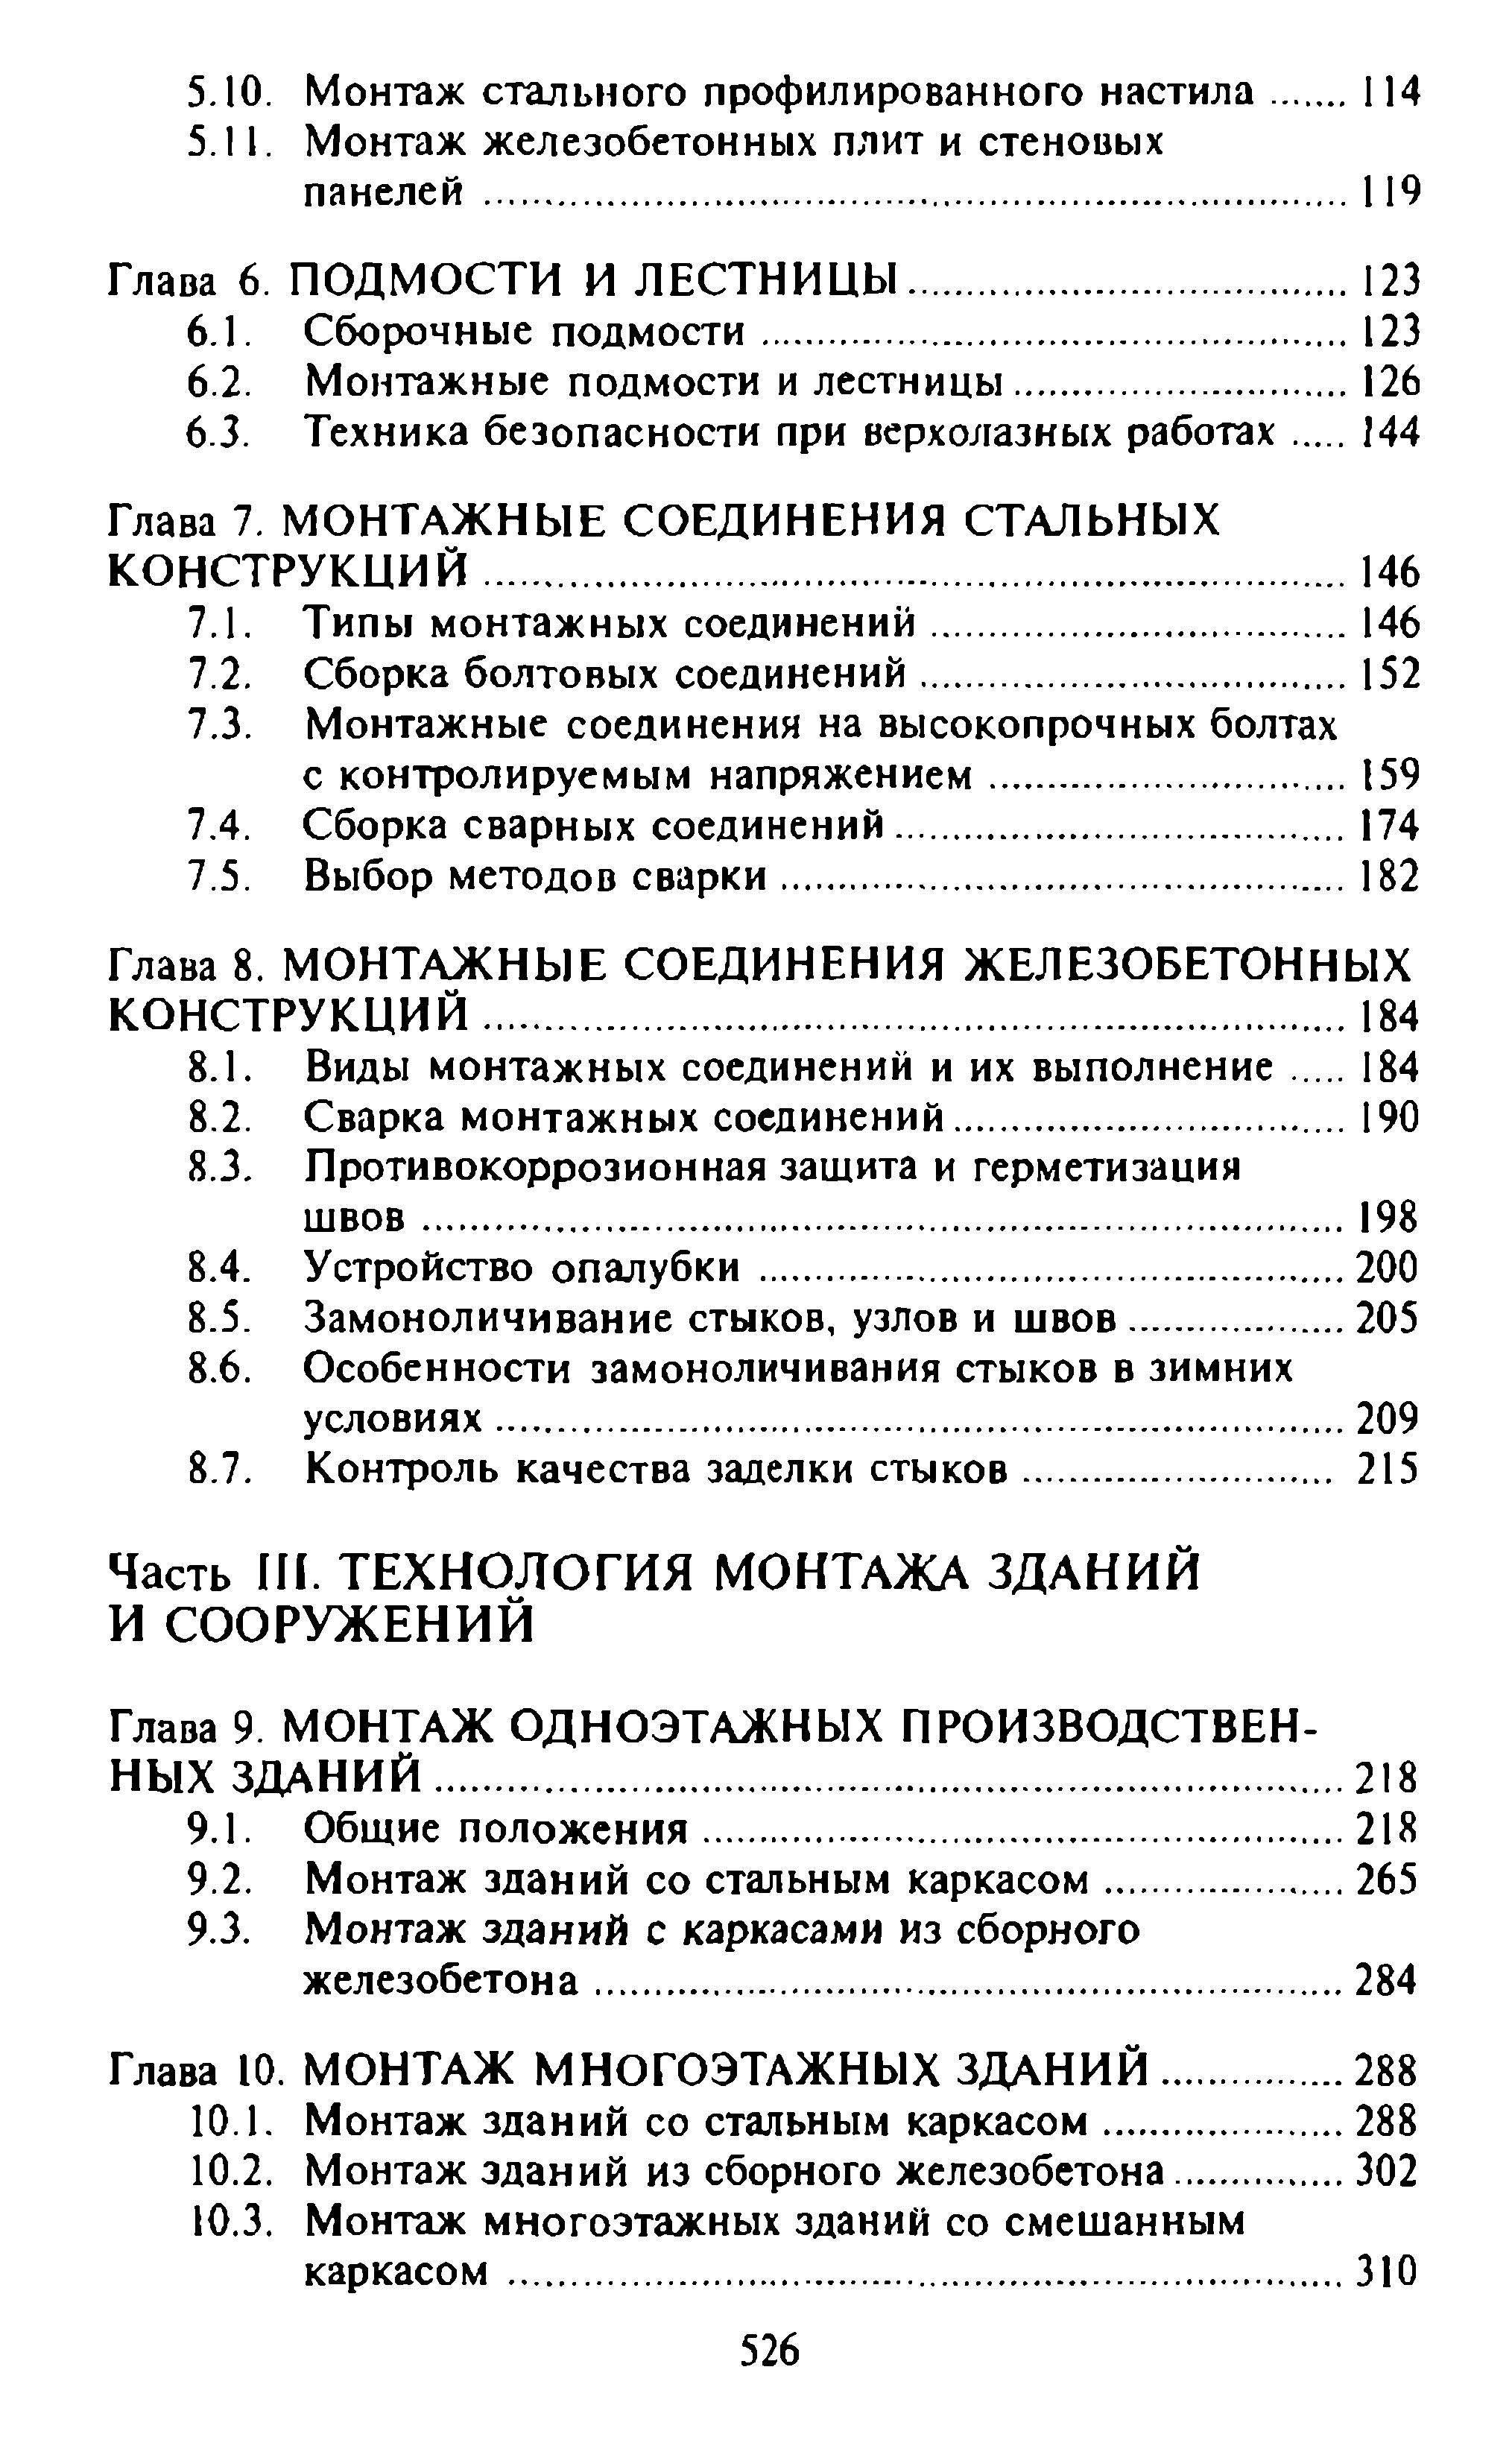 Скачать книгу соколова монтаж